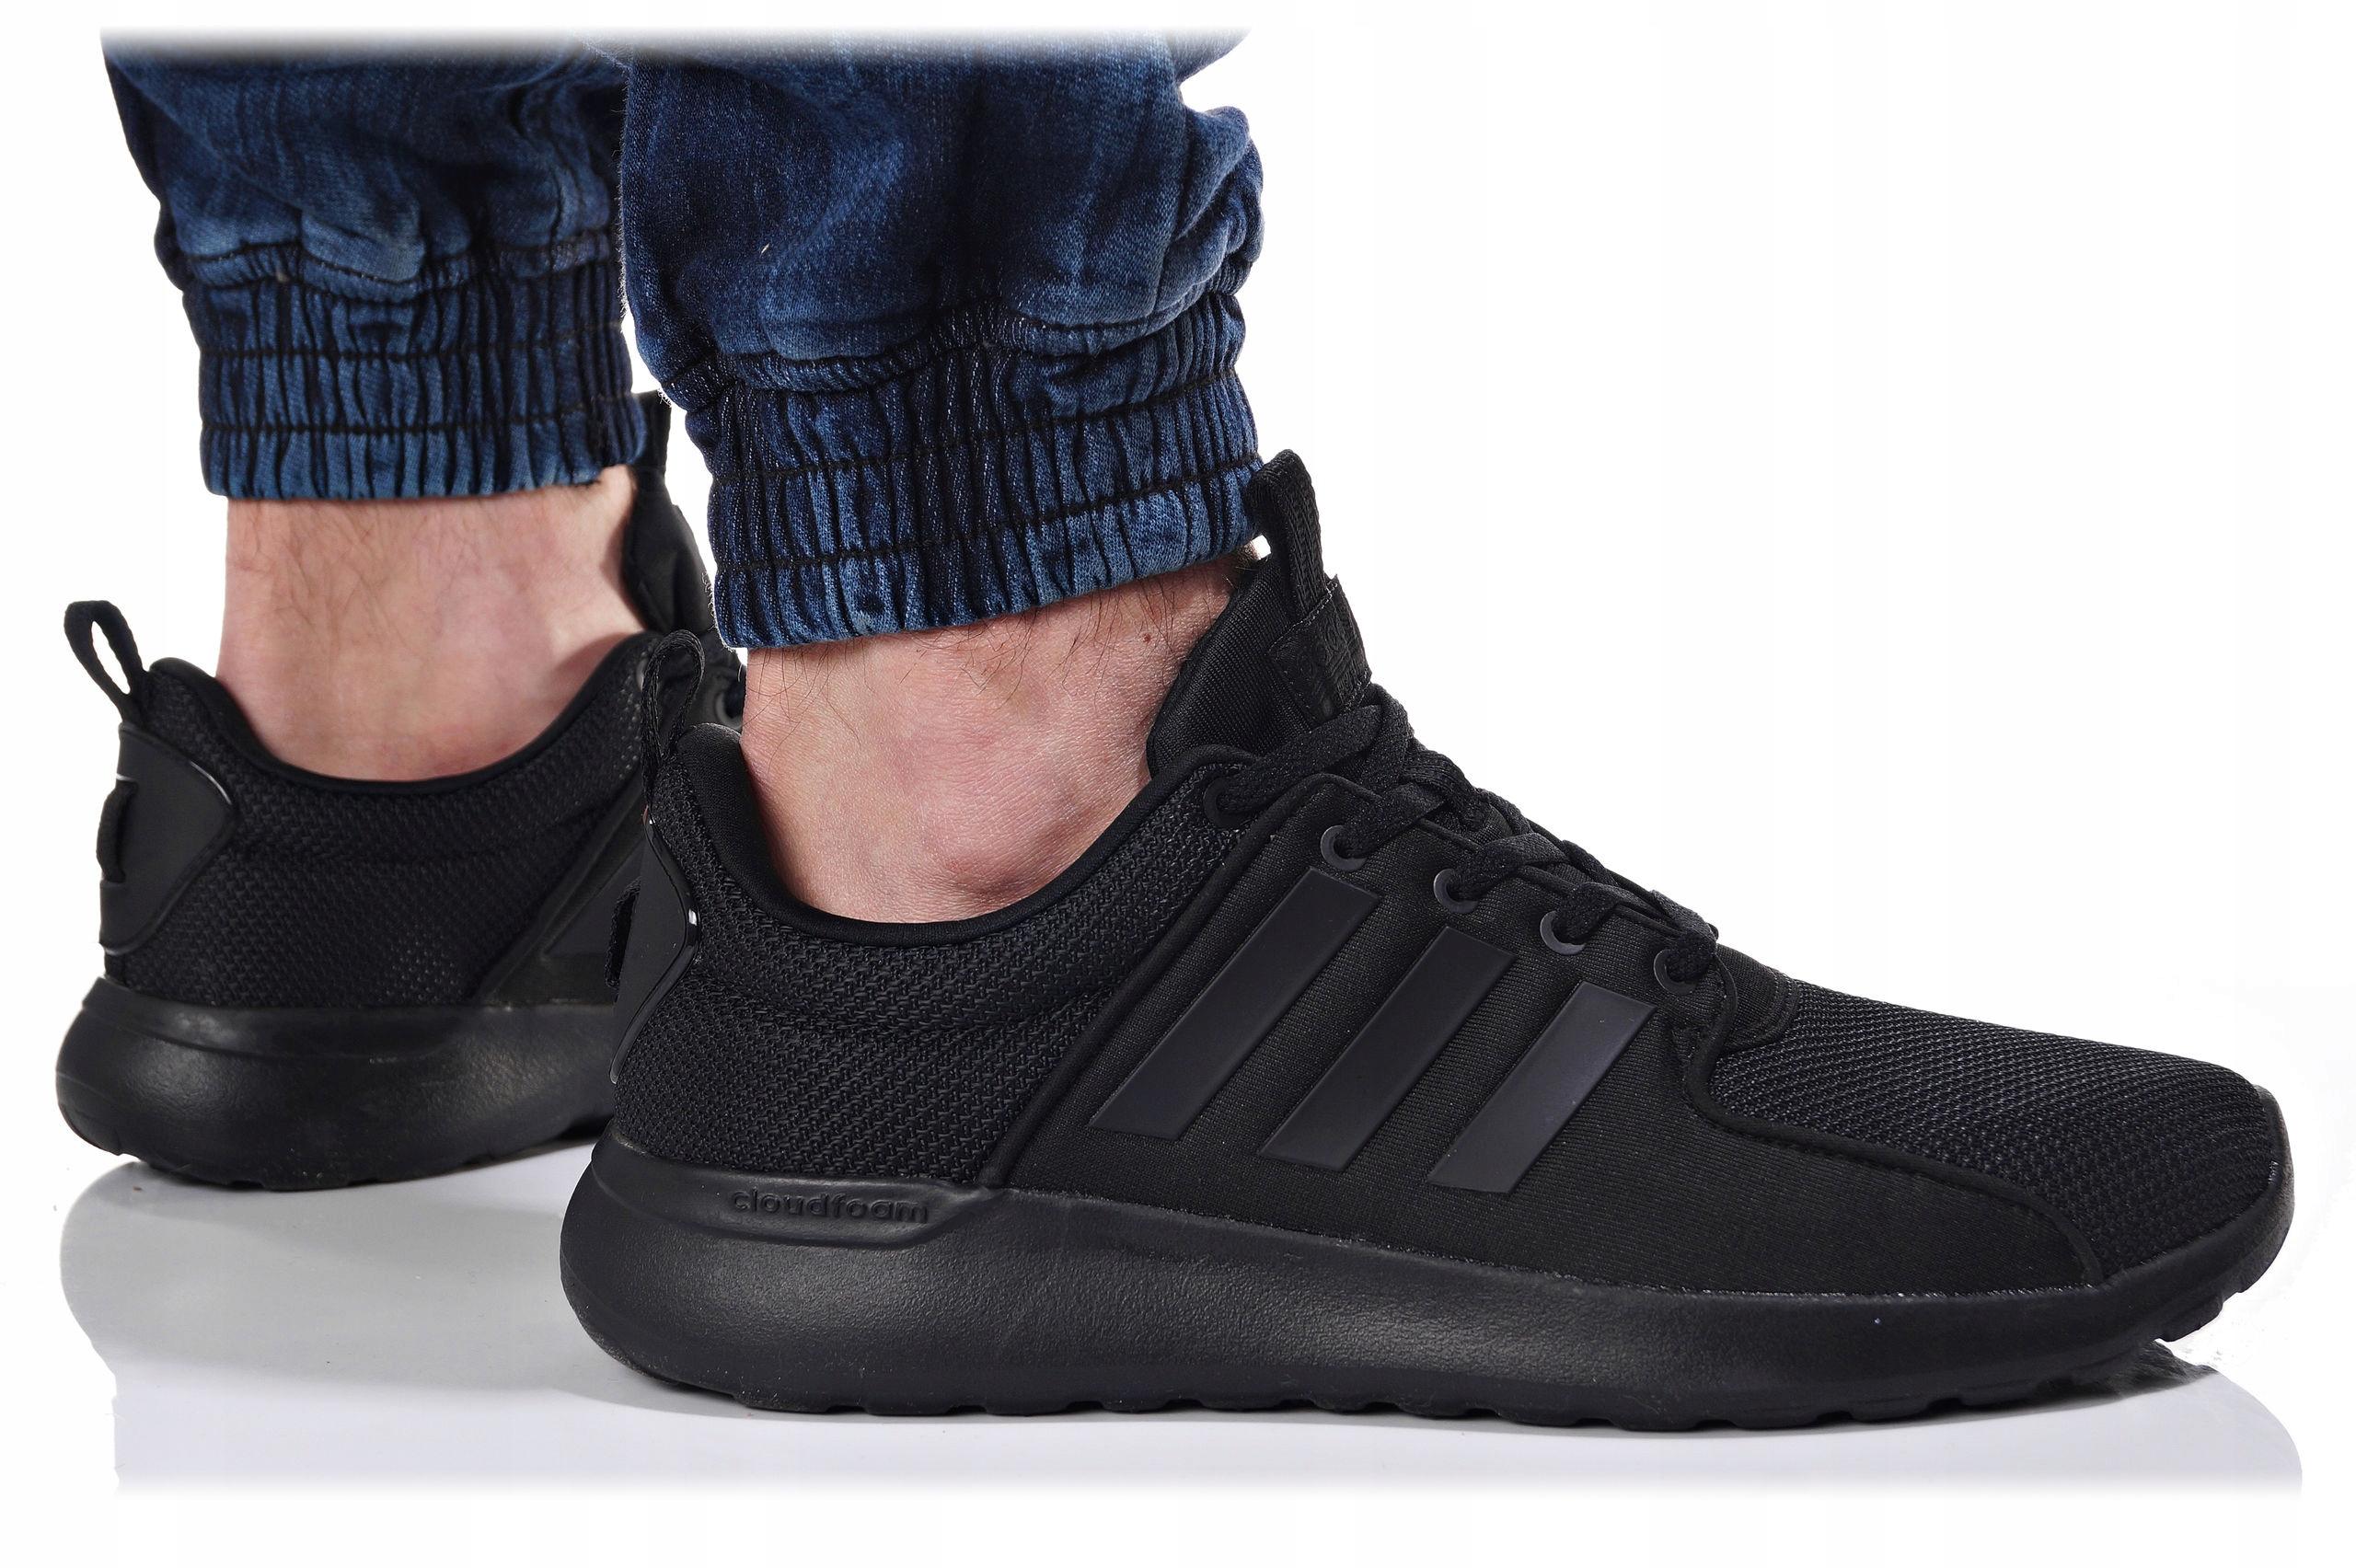 Adidas Buty damskie CLOUDFOAM LITE RACER AW4023 black